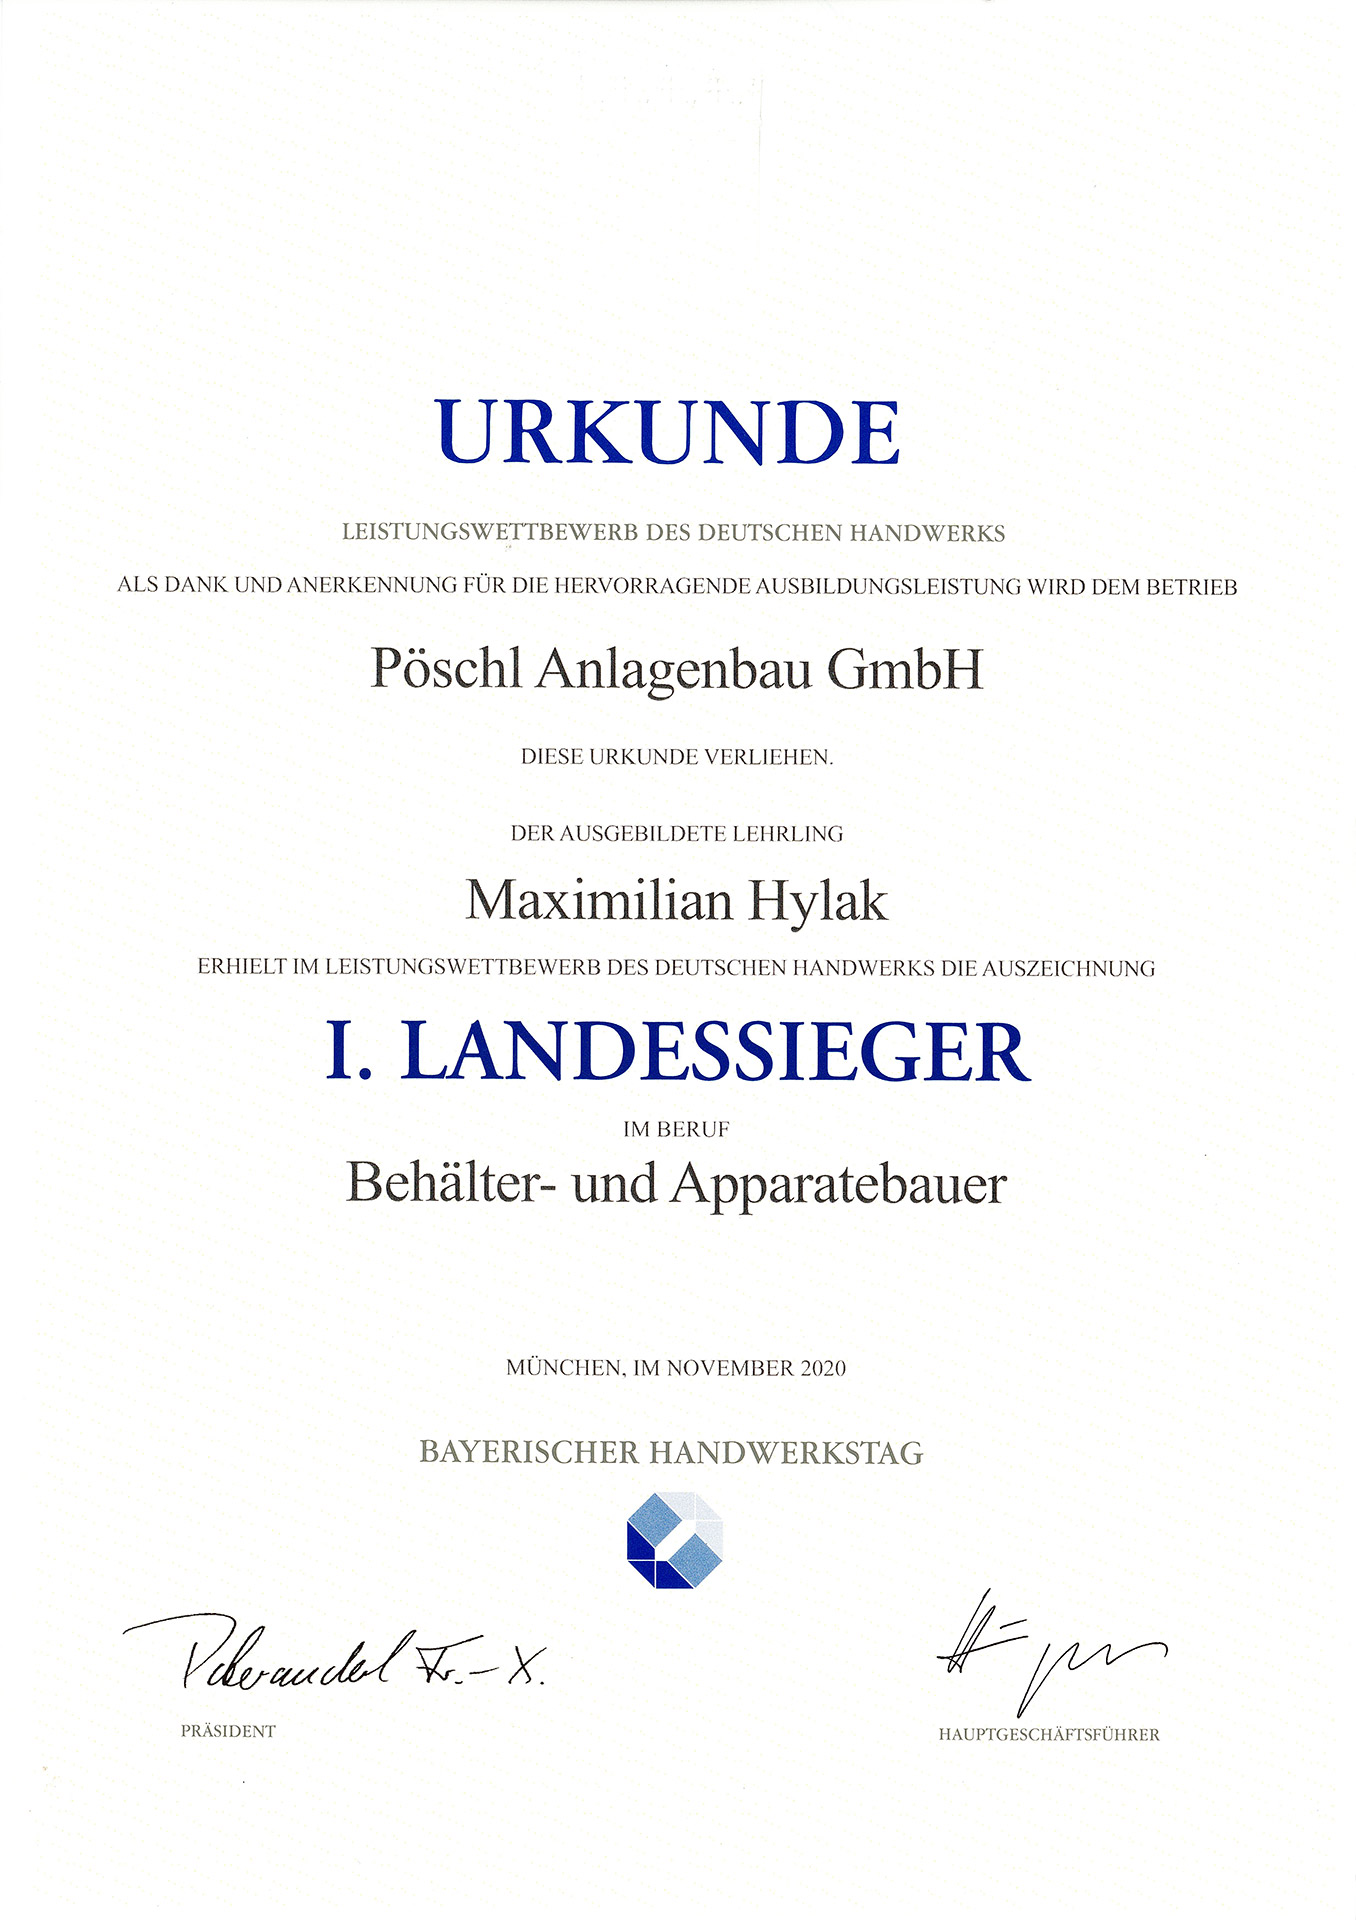 poeschl_anlagenbau_landessieger-hylak